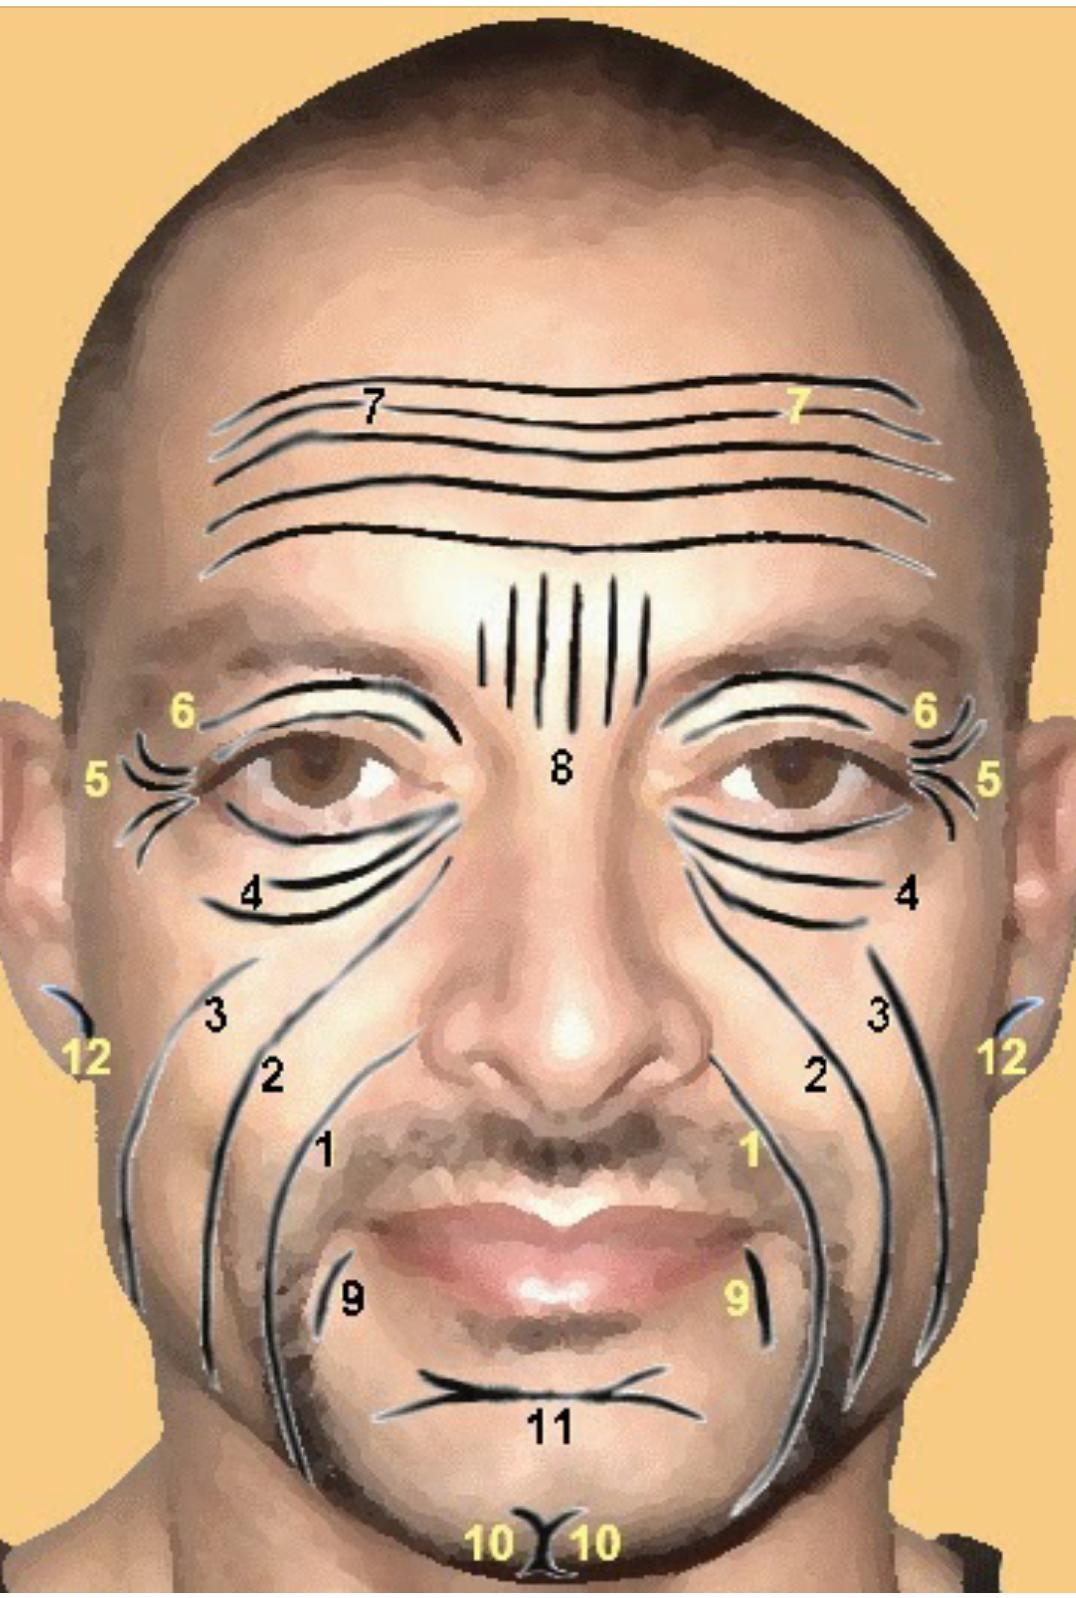 Los Hombres Tambien Utilizan Los Ejercicios Faciales Para Relajar Tensiones Entrecejo Estrés Ocular Tensión Mandibular Dol Salud Arrugas Lectura Del Rostro